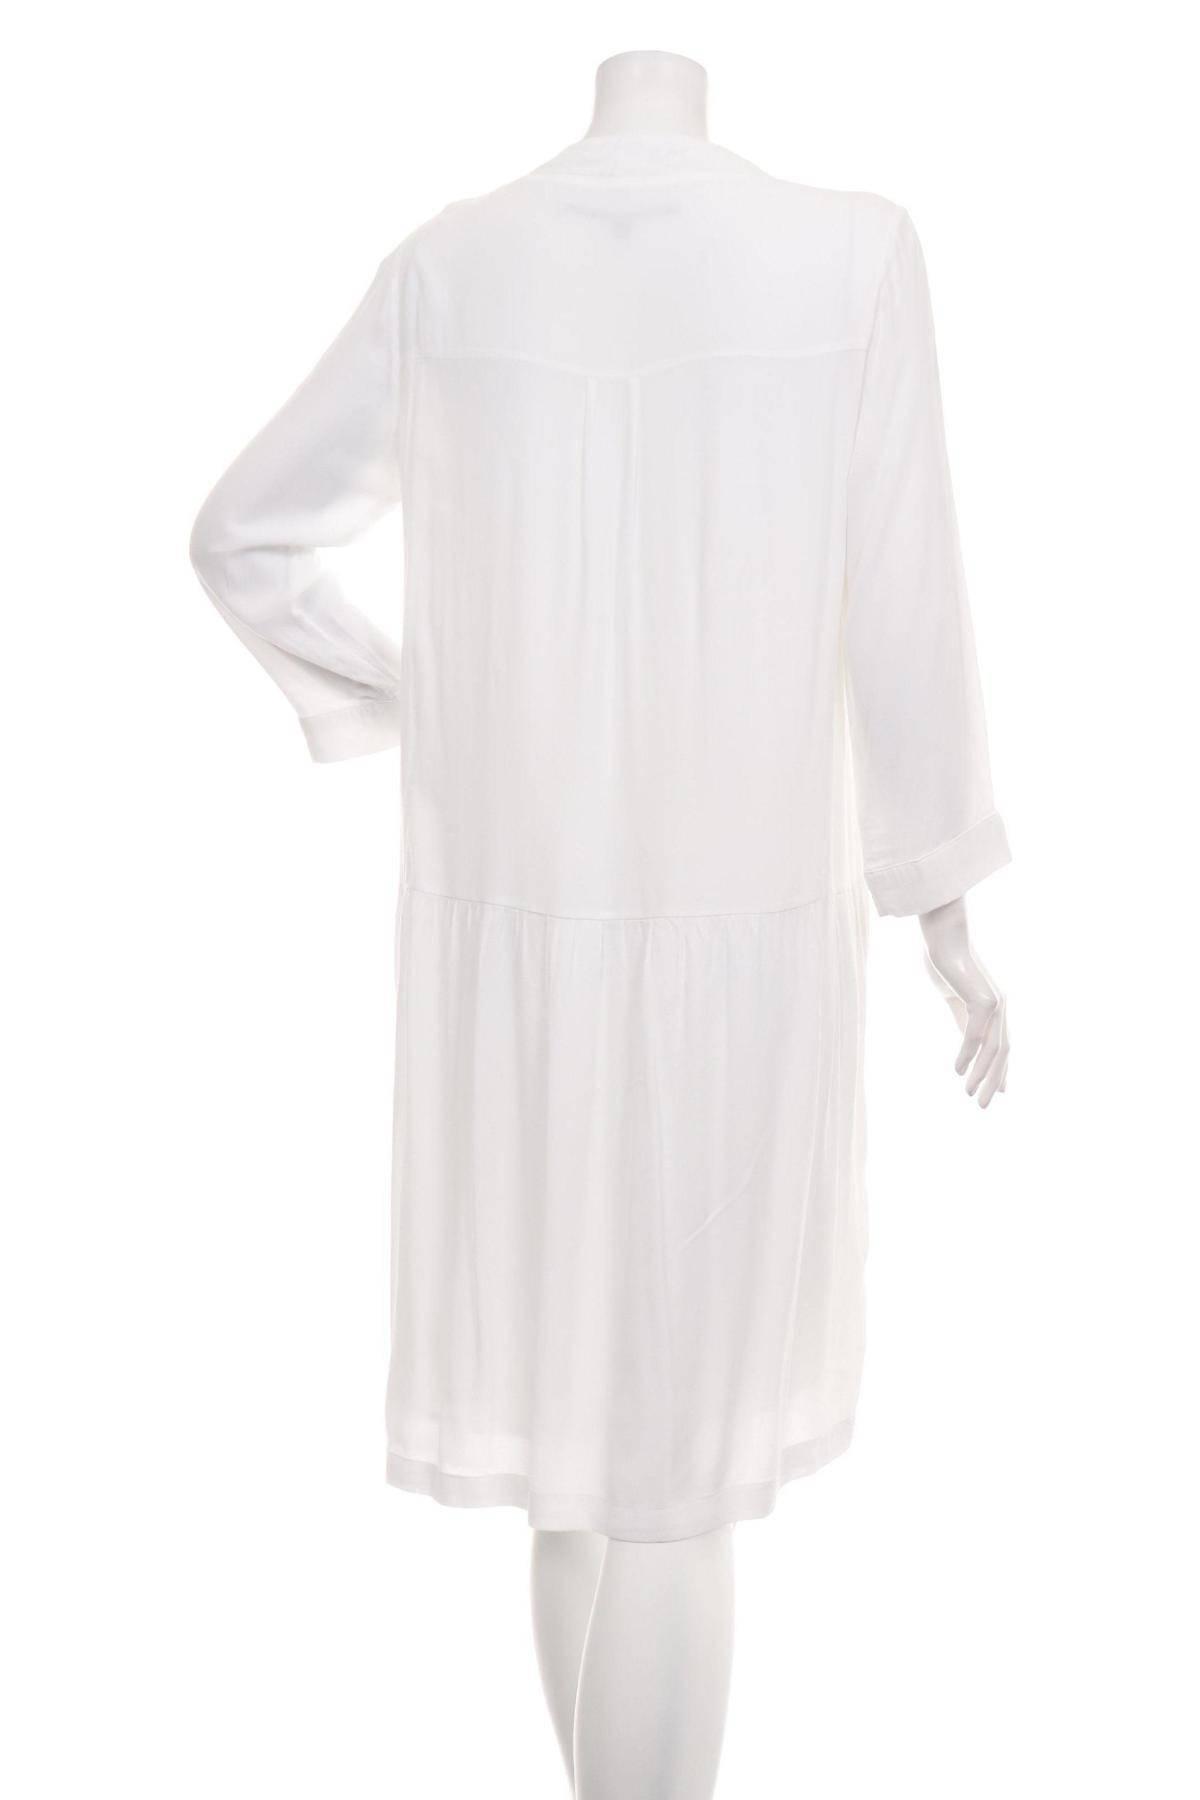 Ежедневна рокля JUST FEMALE2